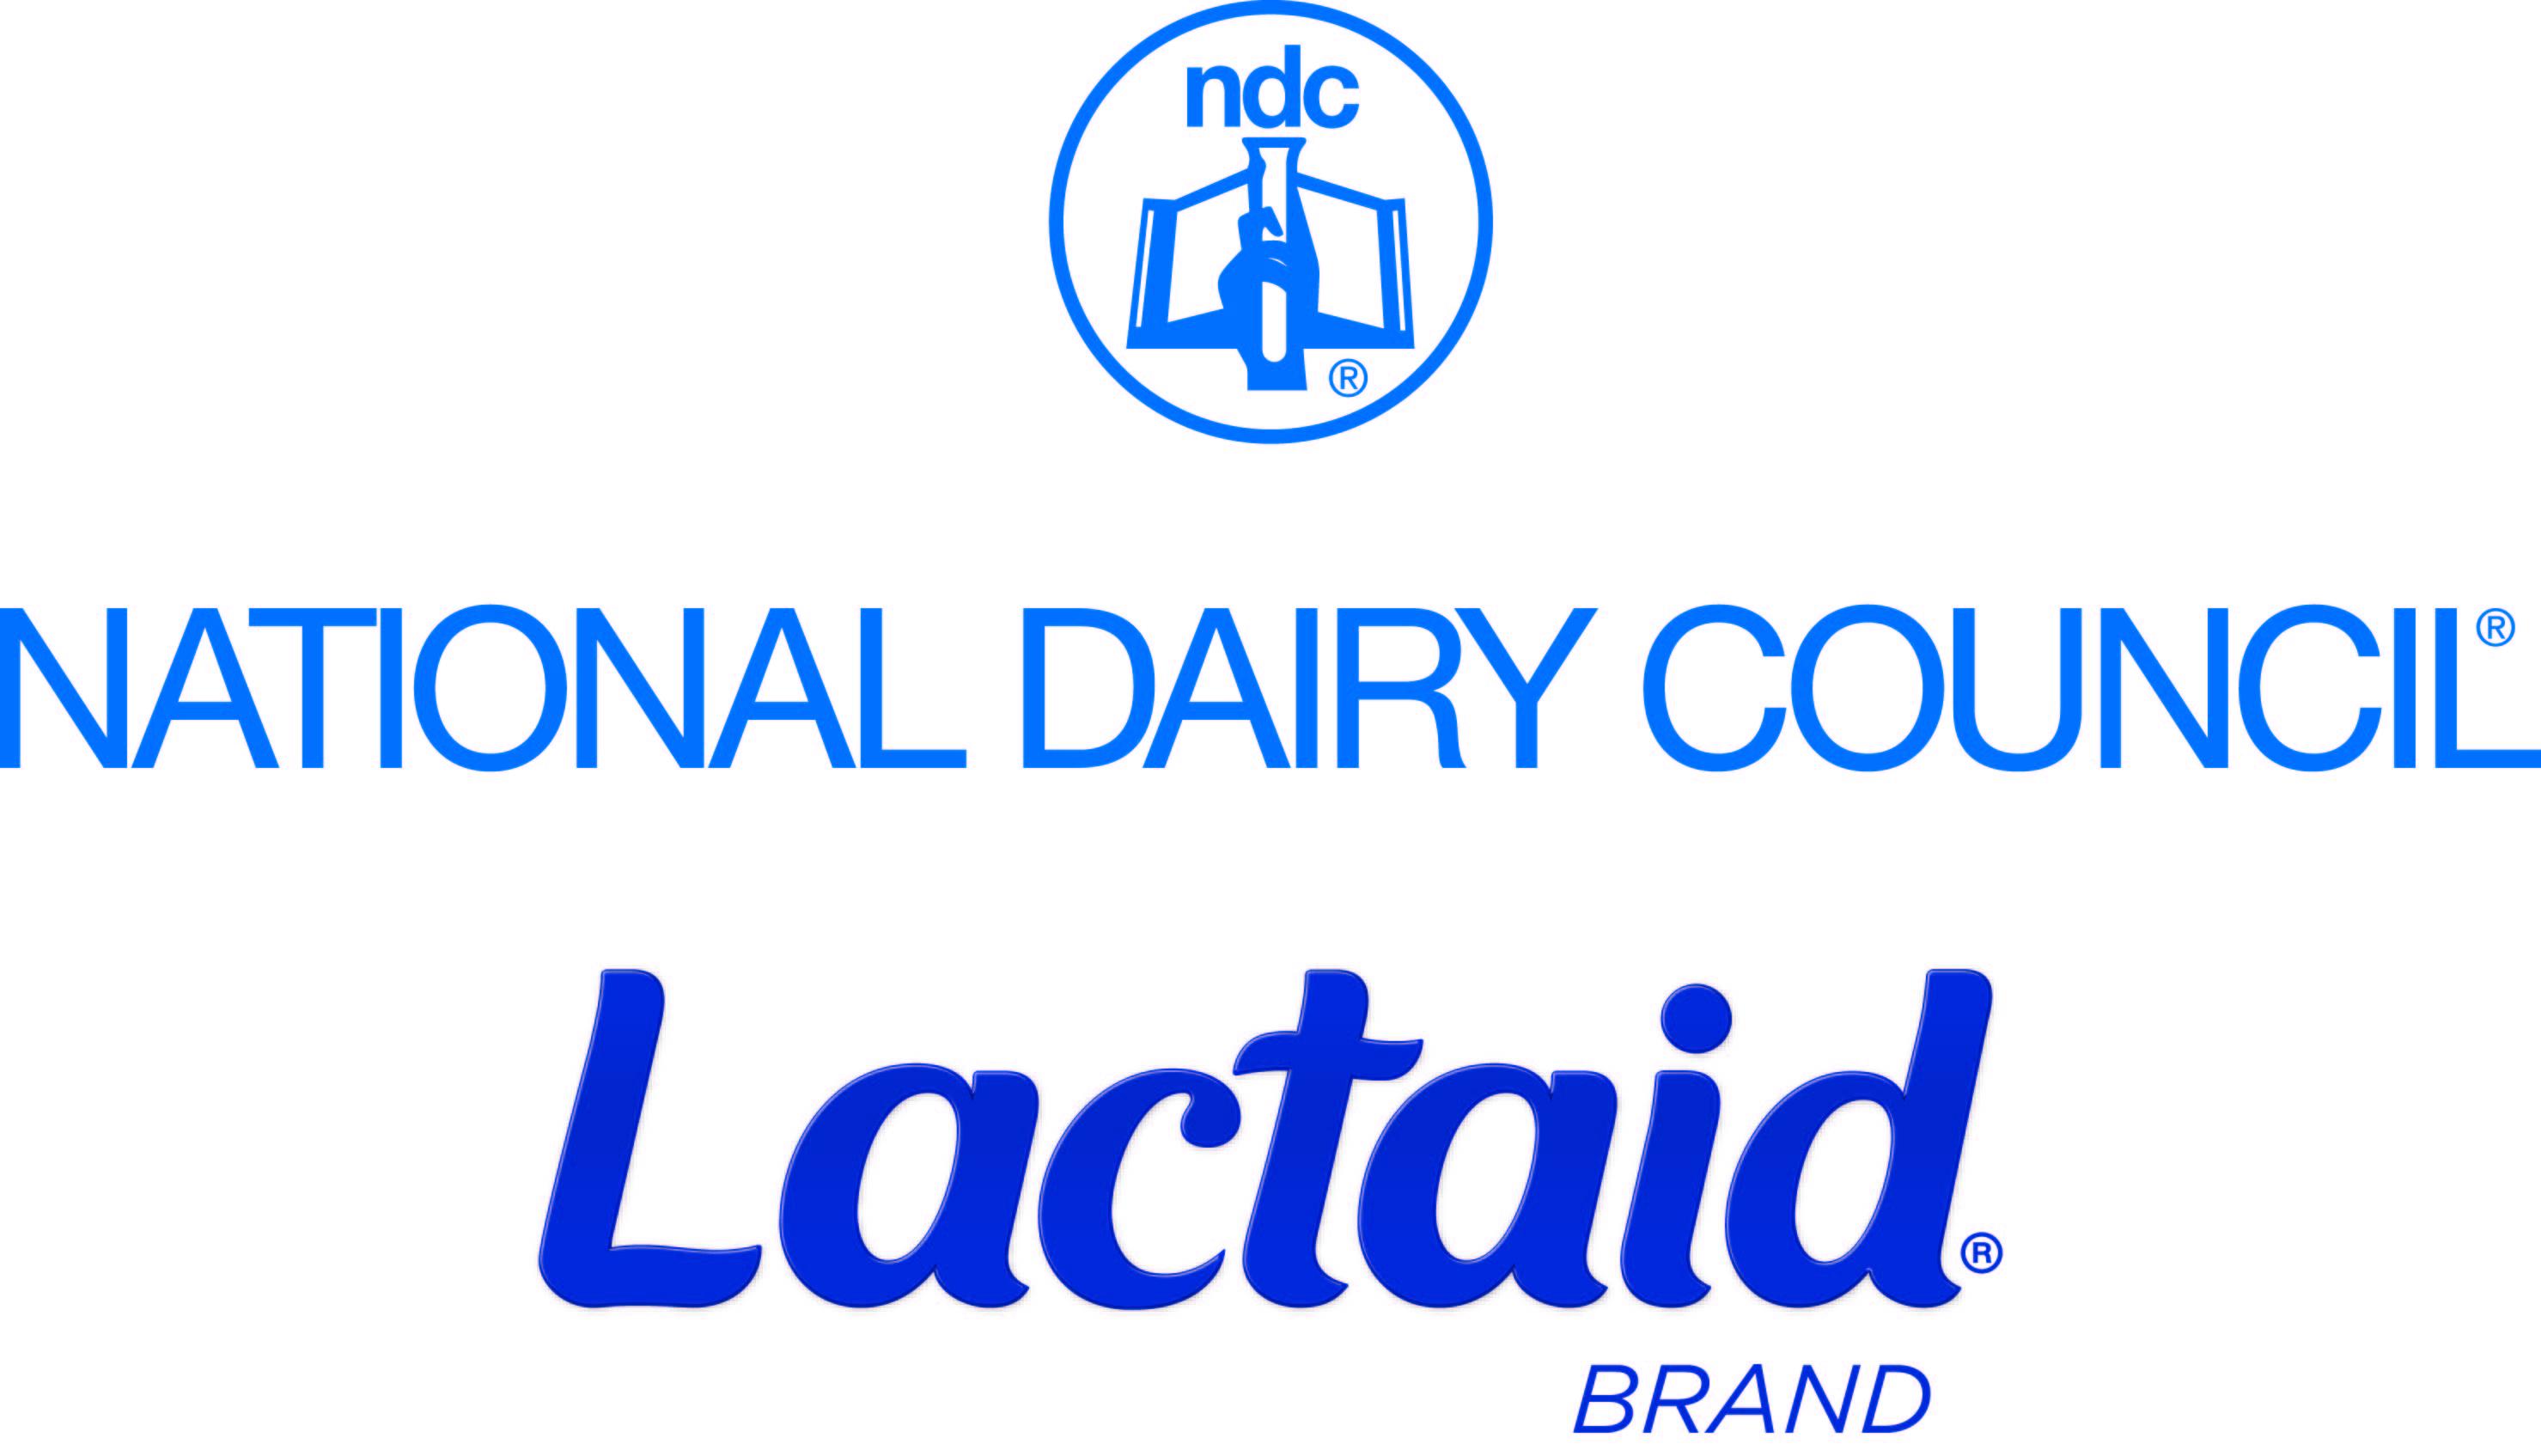 NDC-Lactaid1